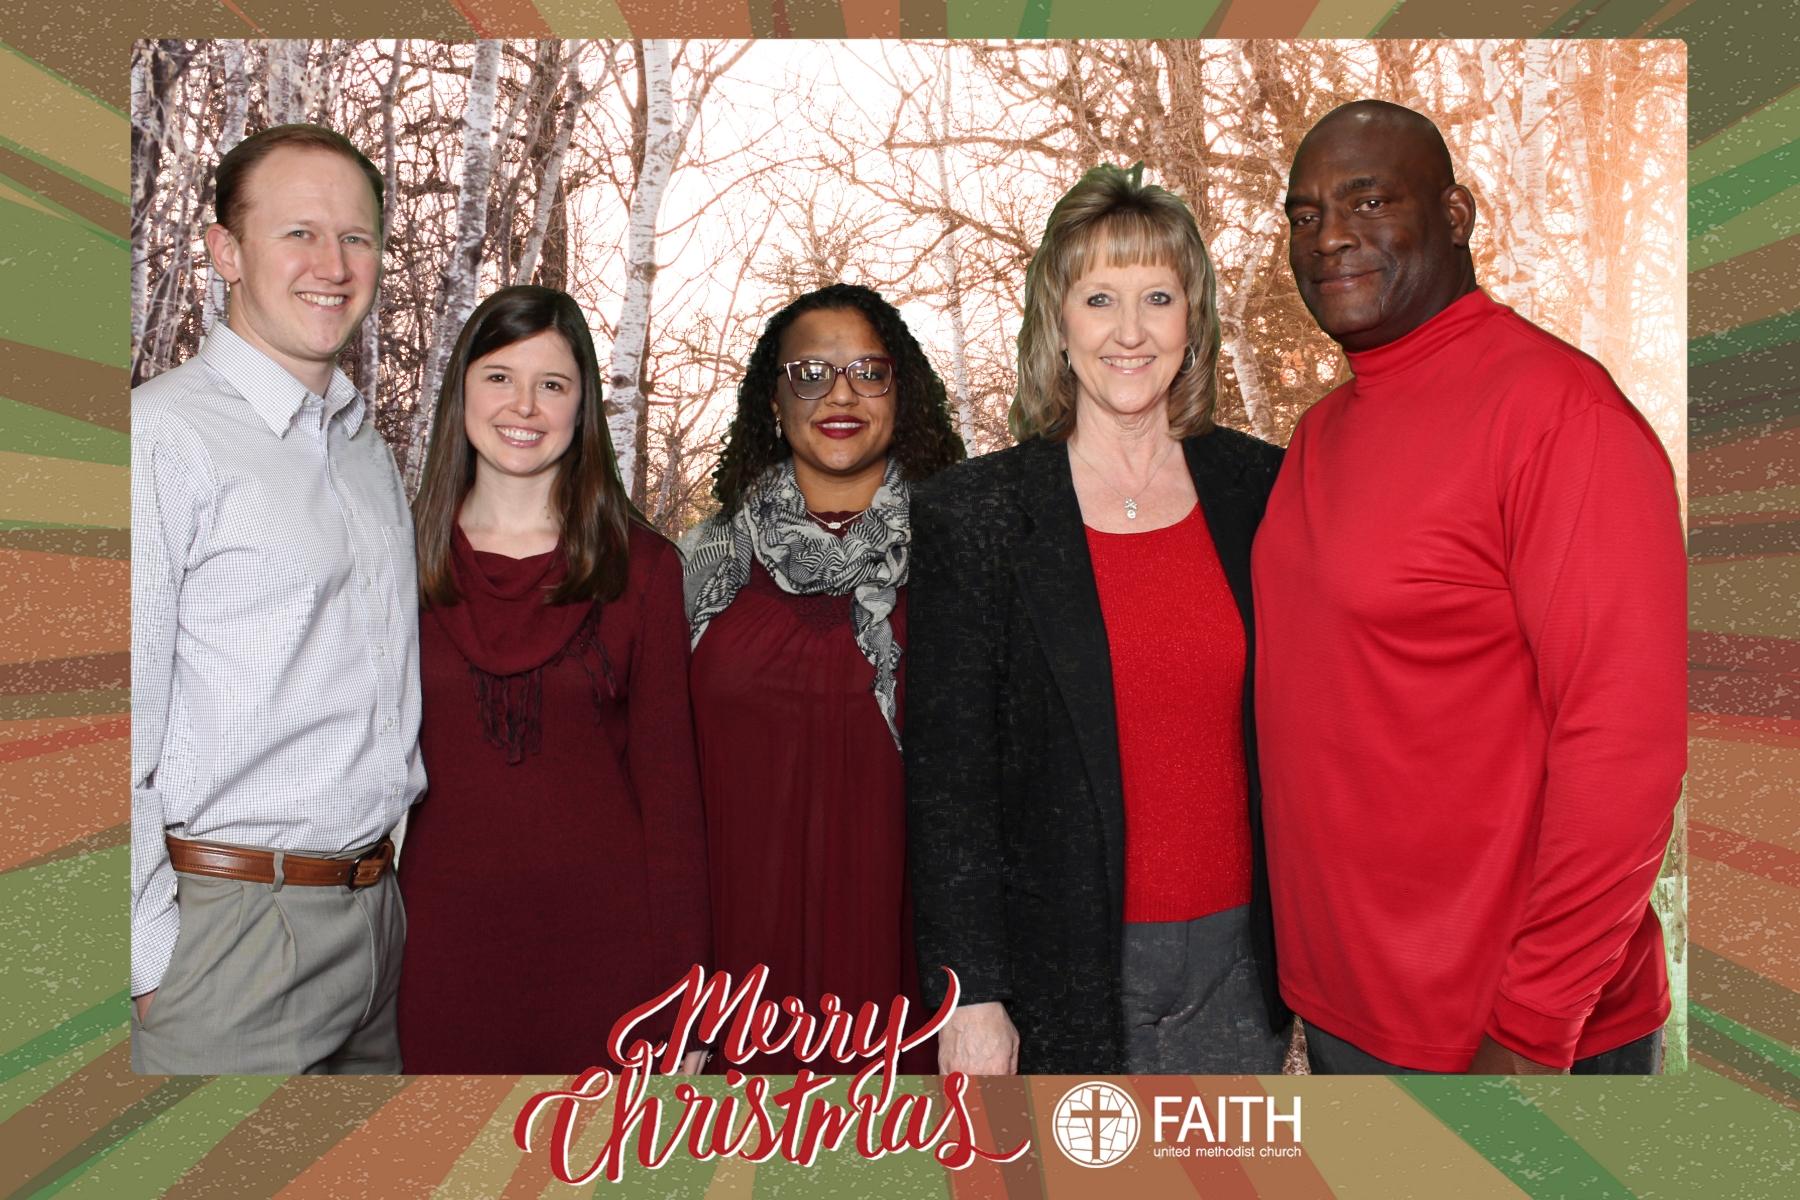 Faith2018_2018-12-24_17-02-17.jpg